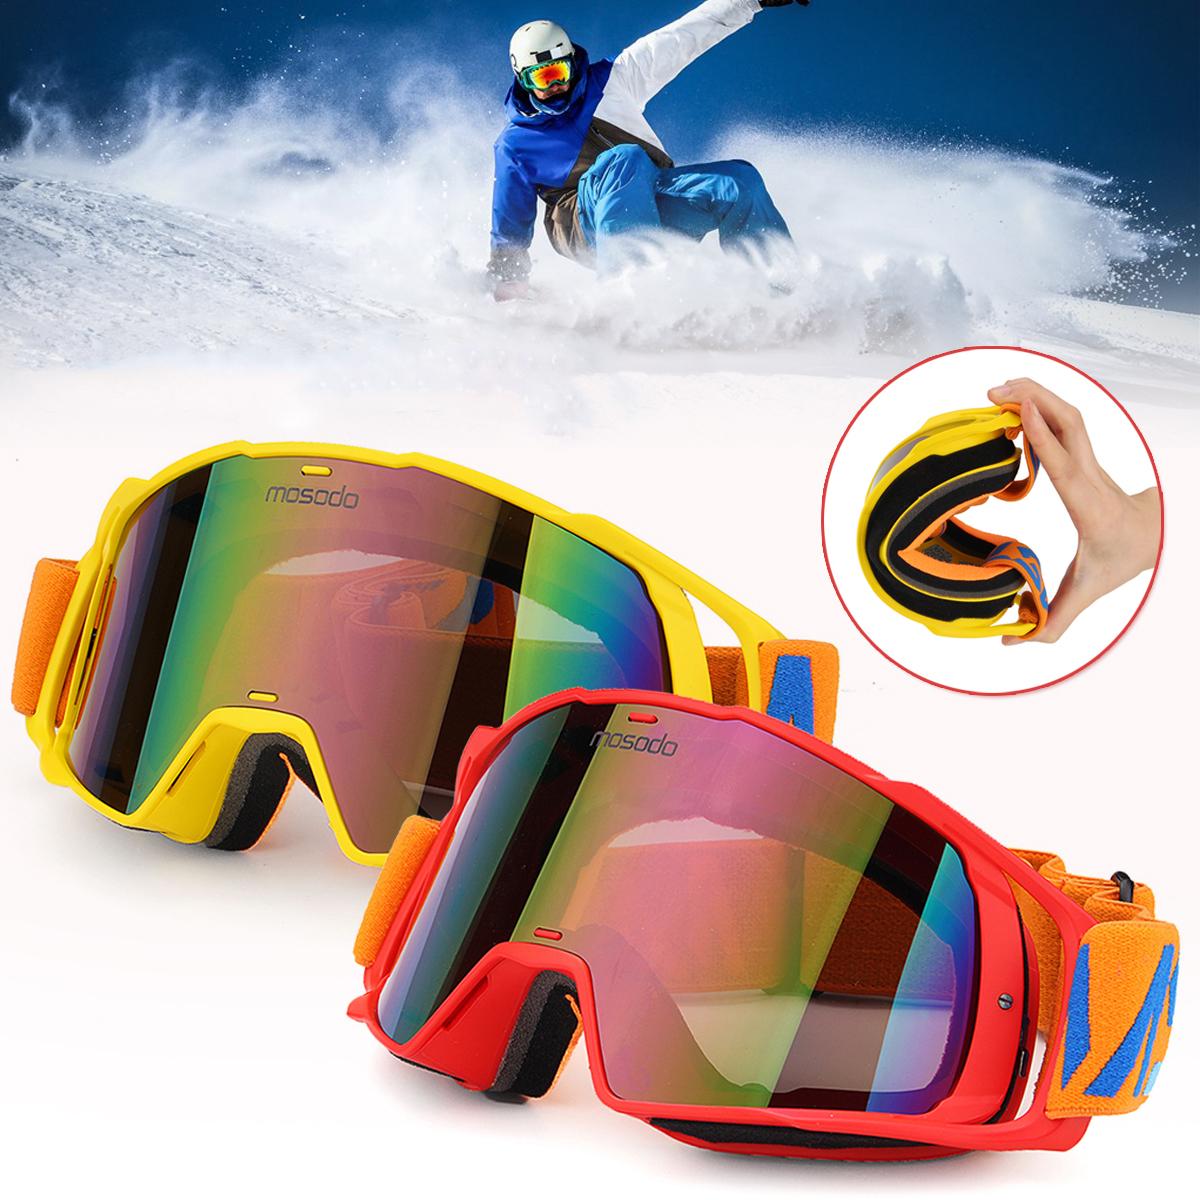 MSD78НаоткрытомвоздухеКатаниена лыжах по конькобежному спорту Снегоход Очки Ветрозащитный противотуманный UV Защита для му